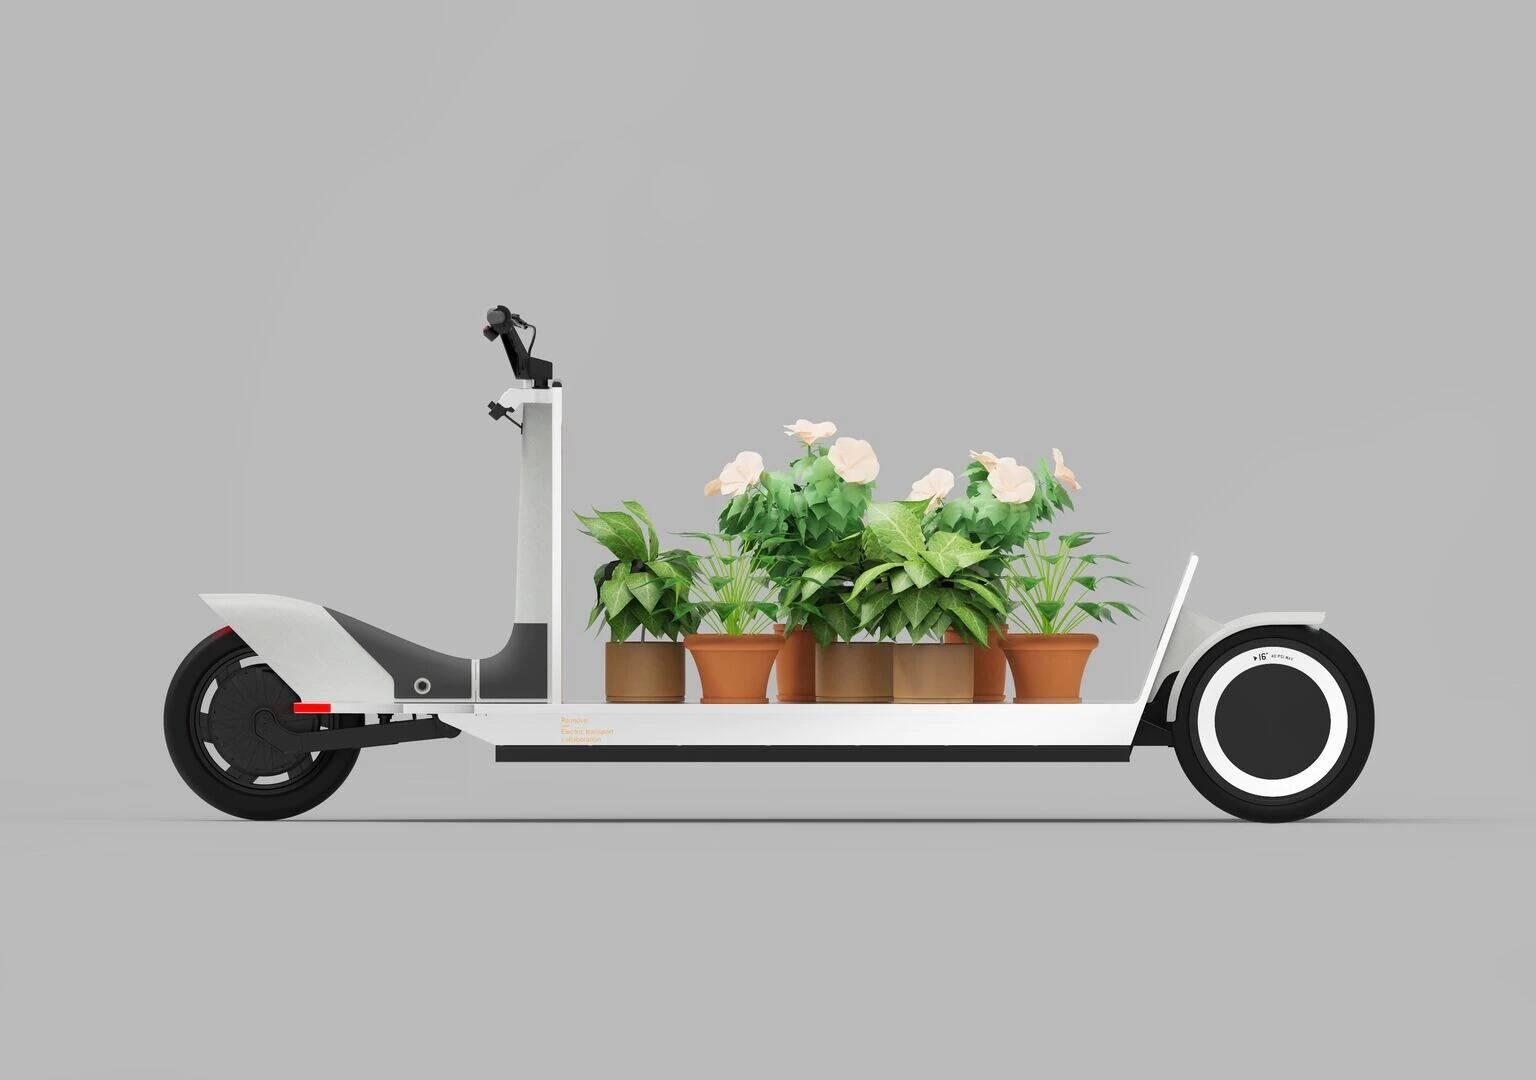 Polestar mostra o Re:Move, um triciclo elétrico para cargas